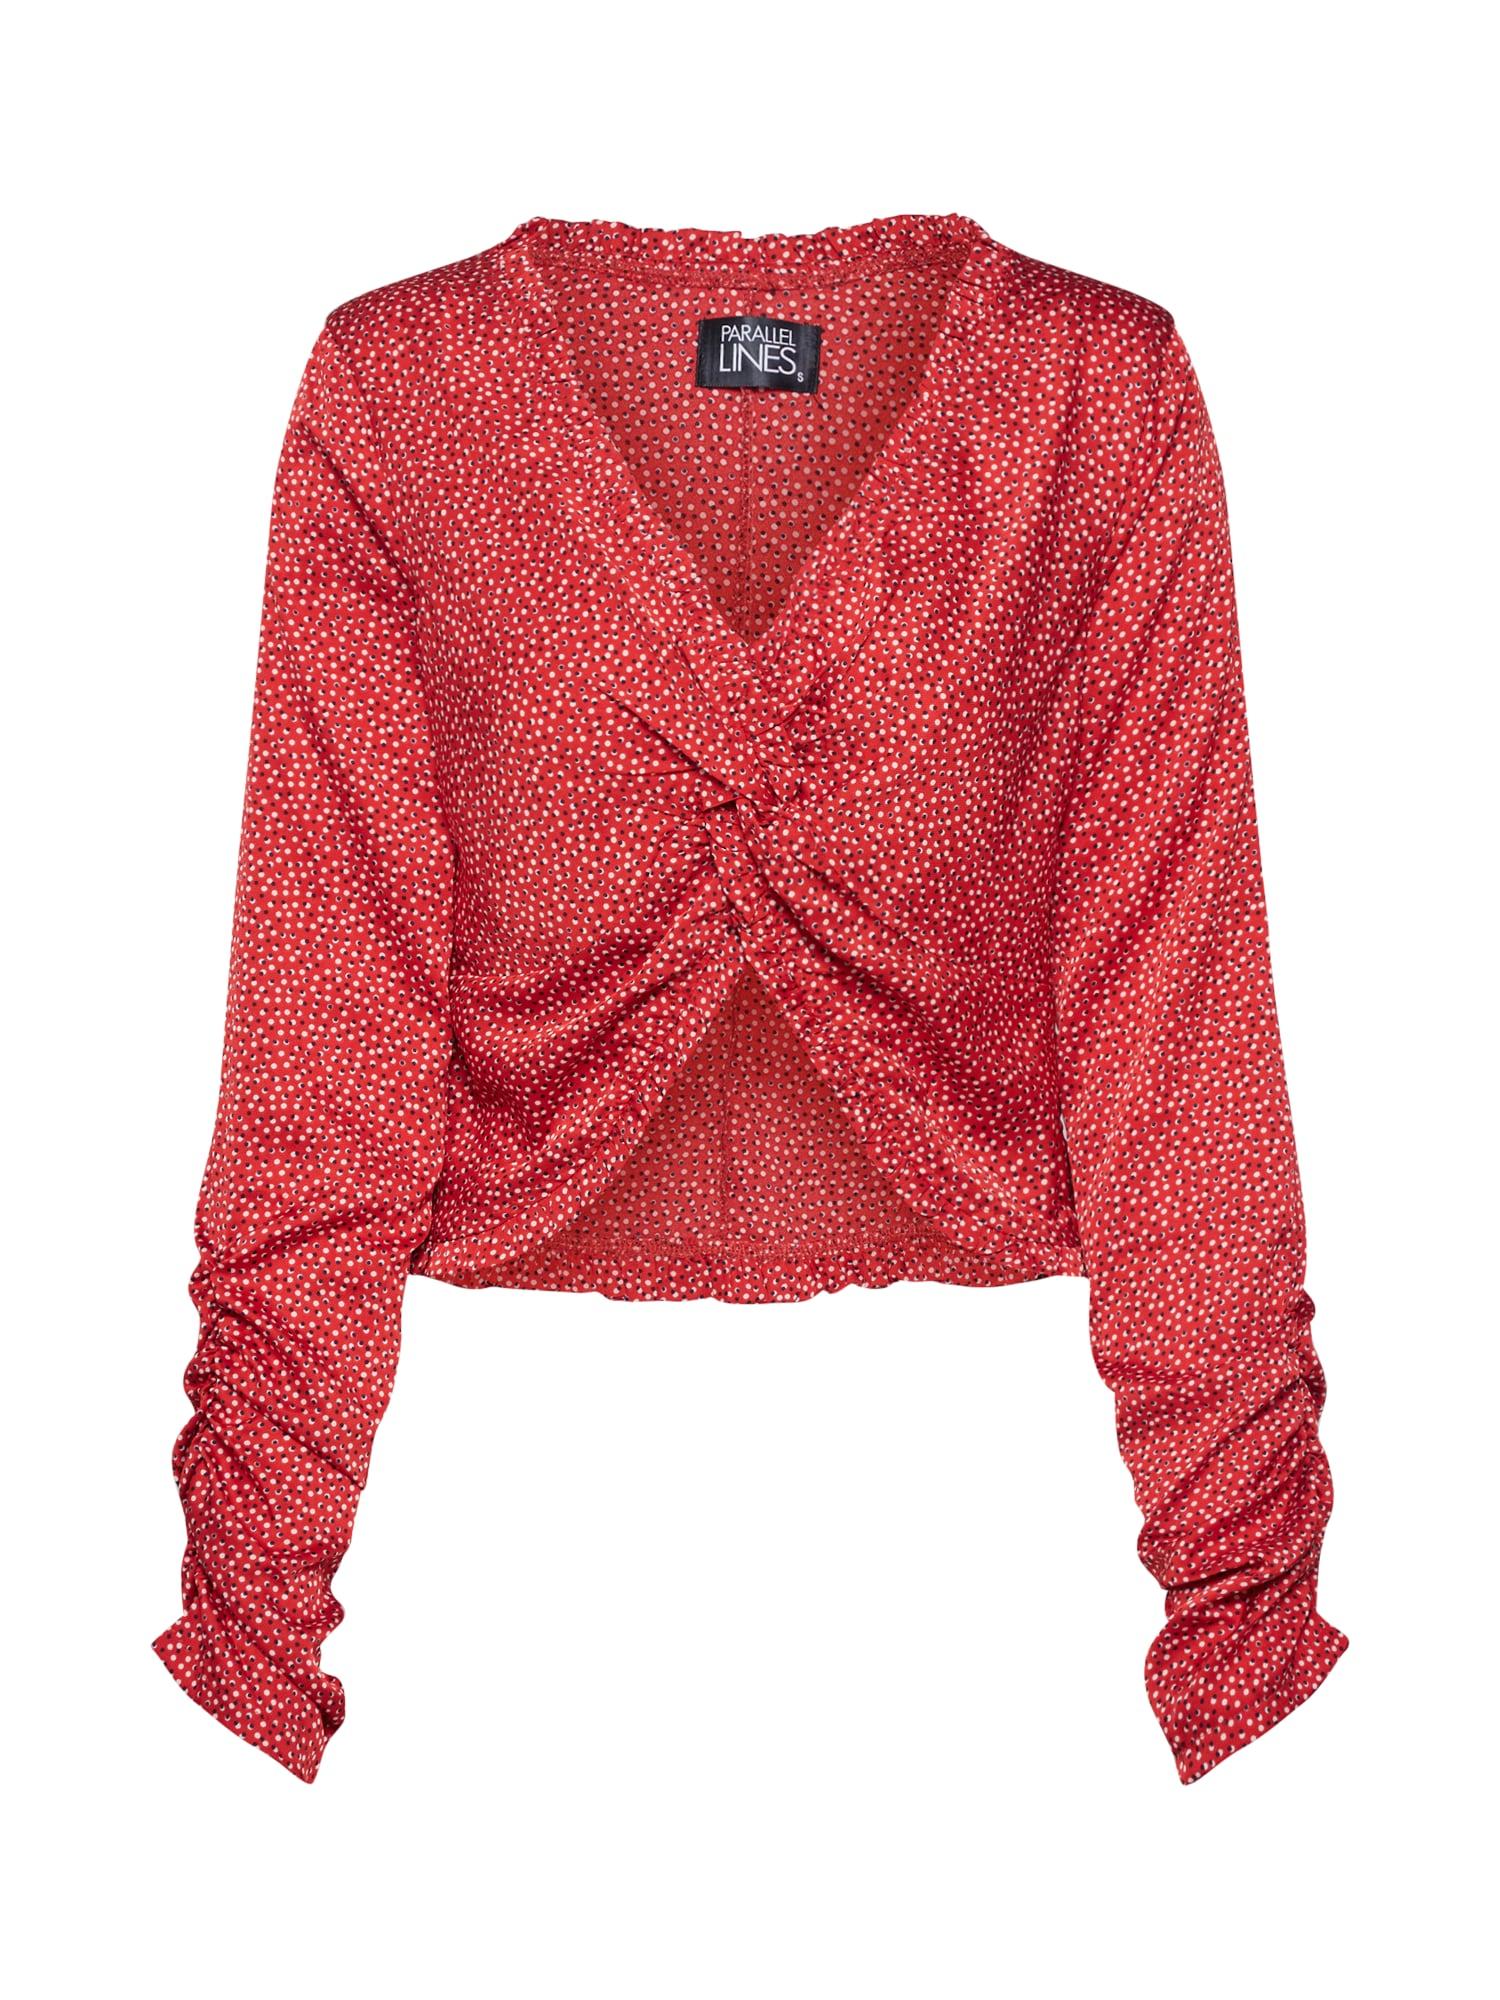 Parallel Lines Marškinėliai raudona